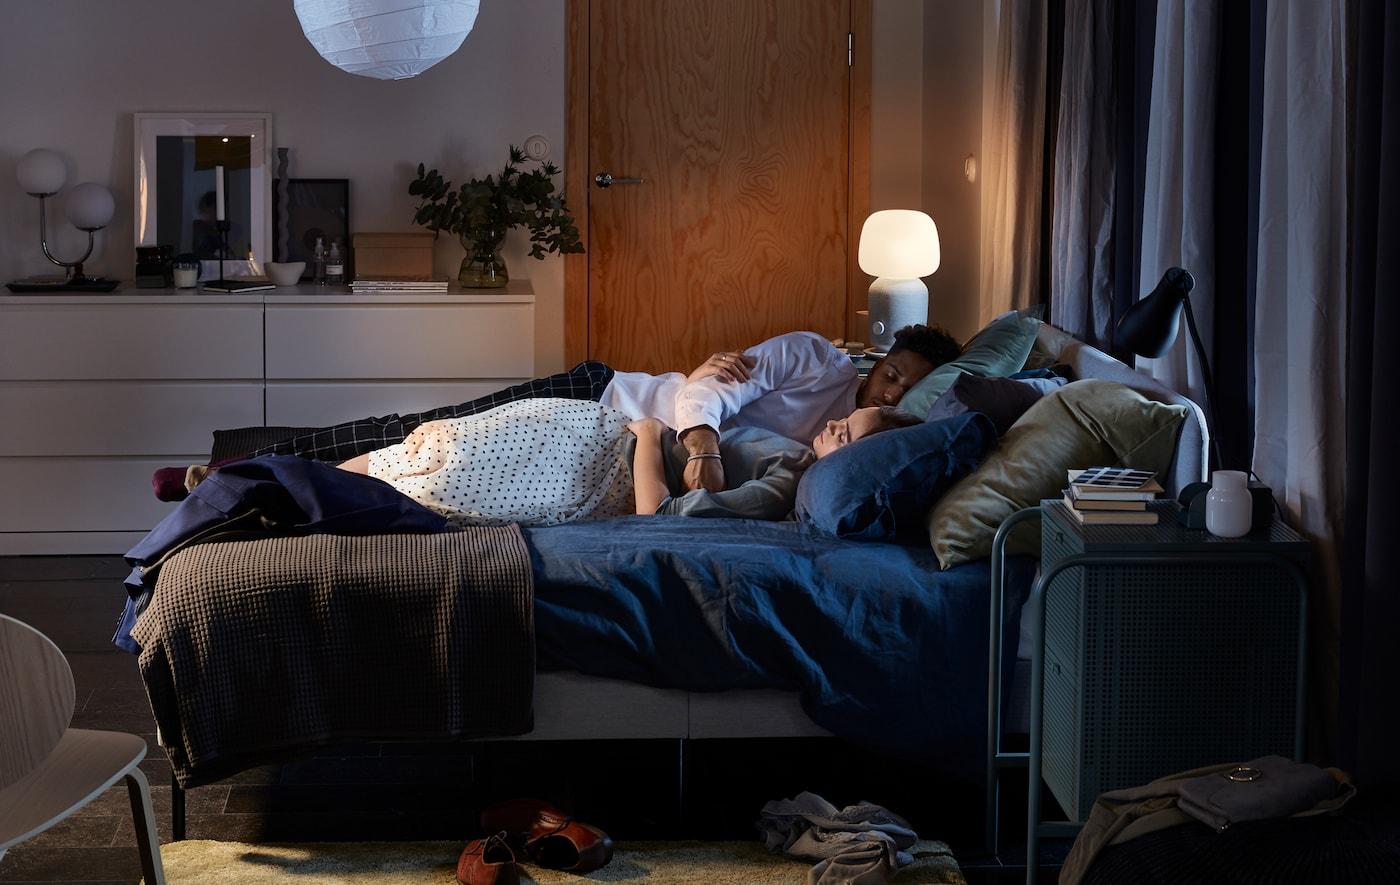 Ein Paar schläft in einem SLATTUM Bett, im Hintergrund ist eine SYMFONISK Leuchte/WiFi-Speaker zu sehen.